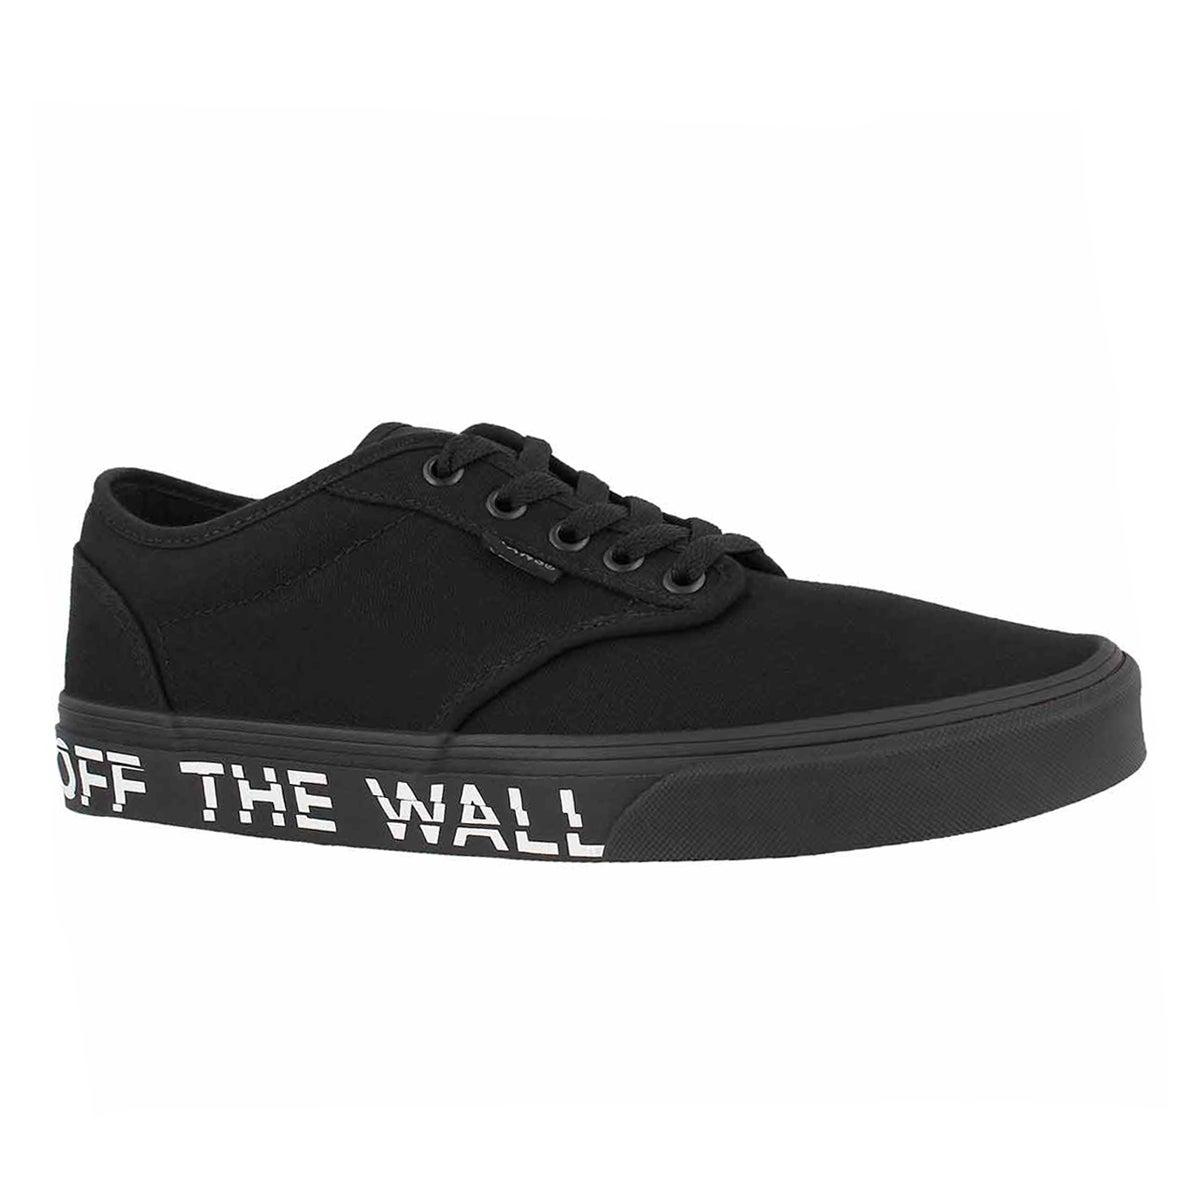 Men's ATWOOD printed fox blk/blk sneakers